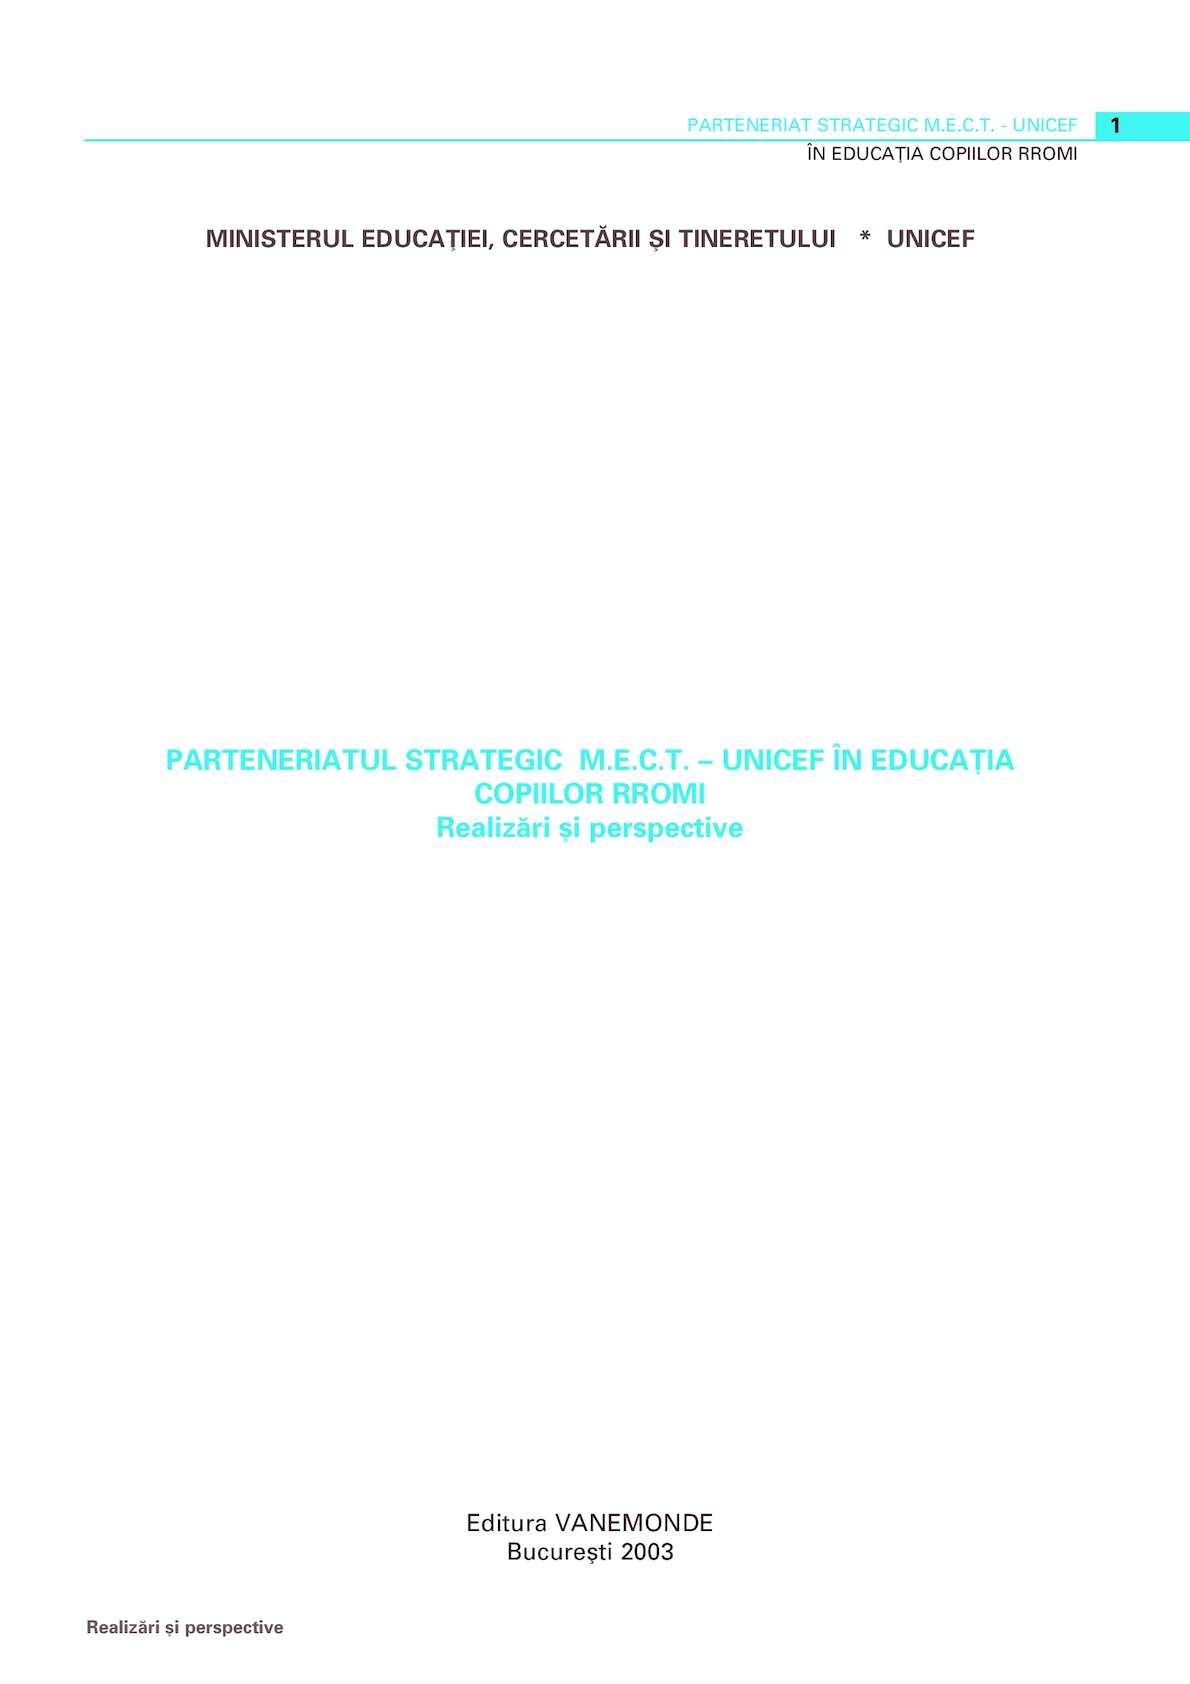 Calaméo - GHeorghe Sarau si co-autori, Parteneriatul Strategic